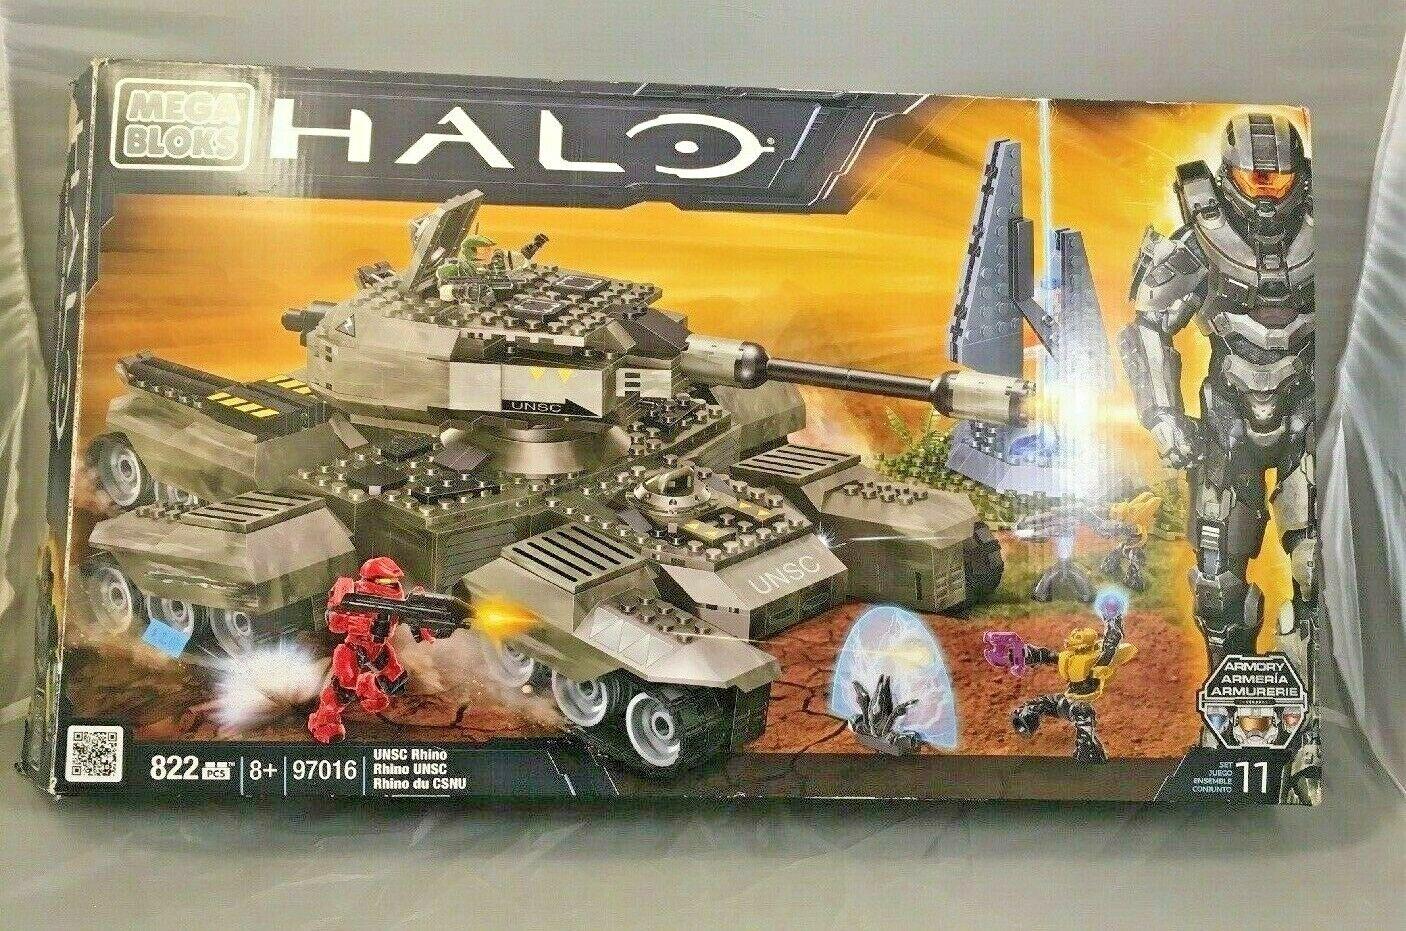 LEGO HALO Mega Bloks 97016 UNSC RHINO 82 PIECES 10 Förseglade påsar, Instruktioner